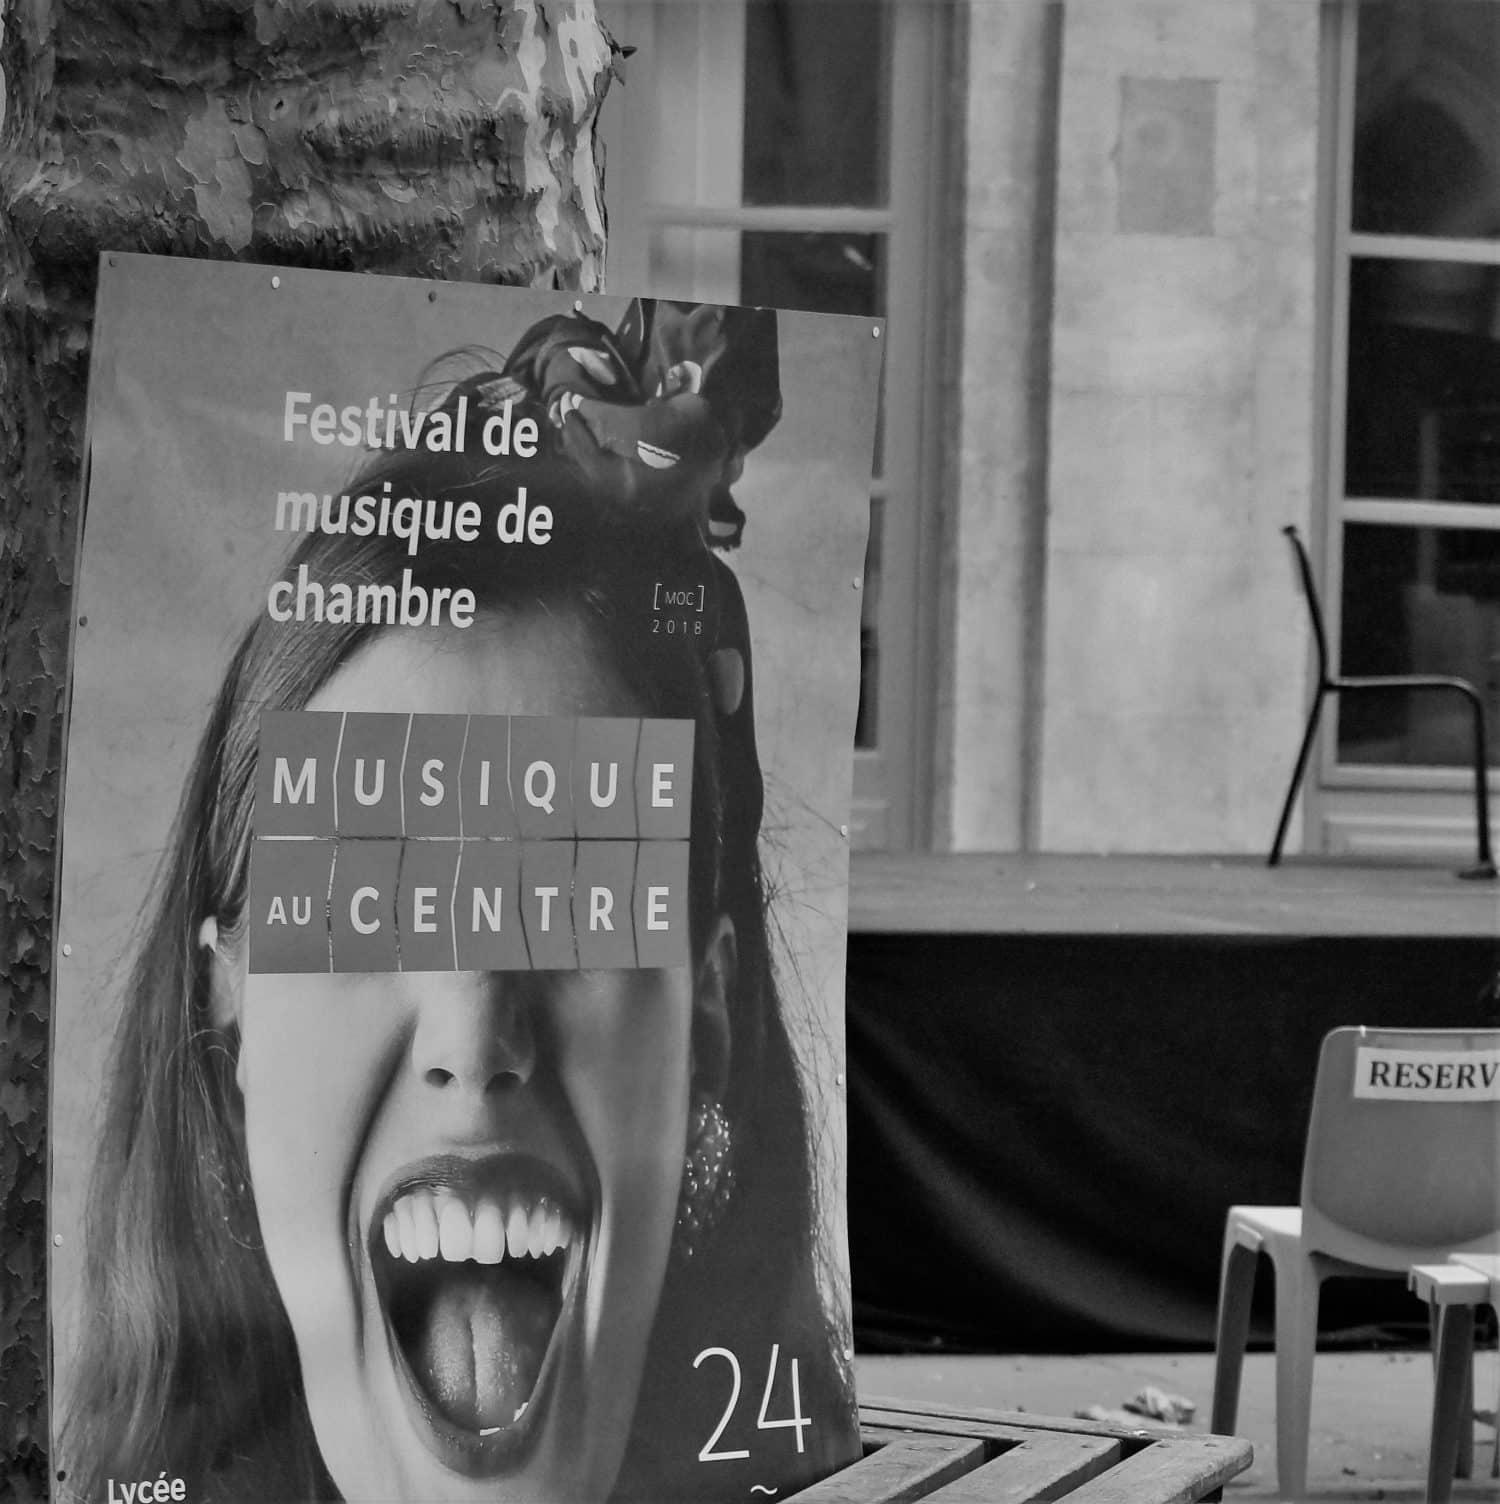 FESTIVAL DE MUSIQUE DE CHAMBRE A MARSEILLE !